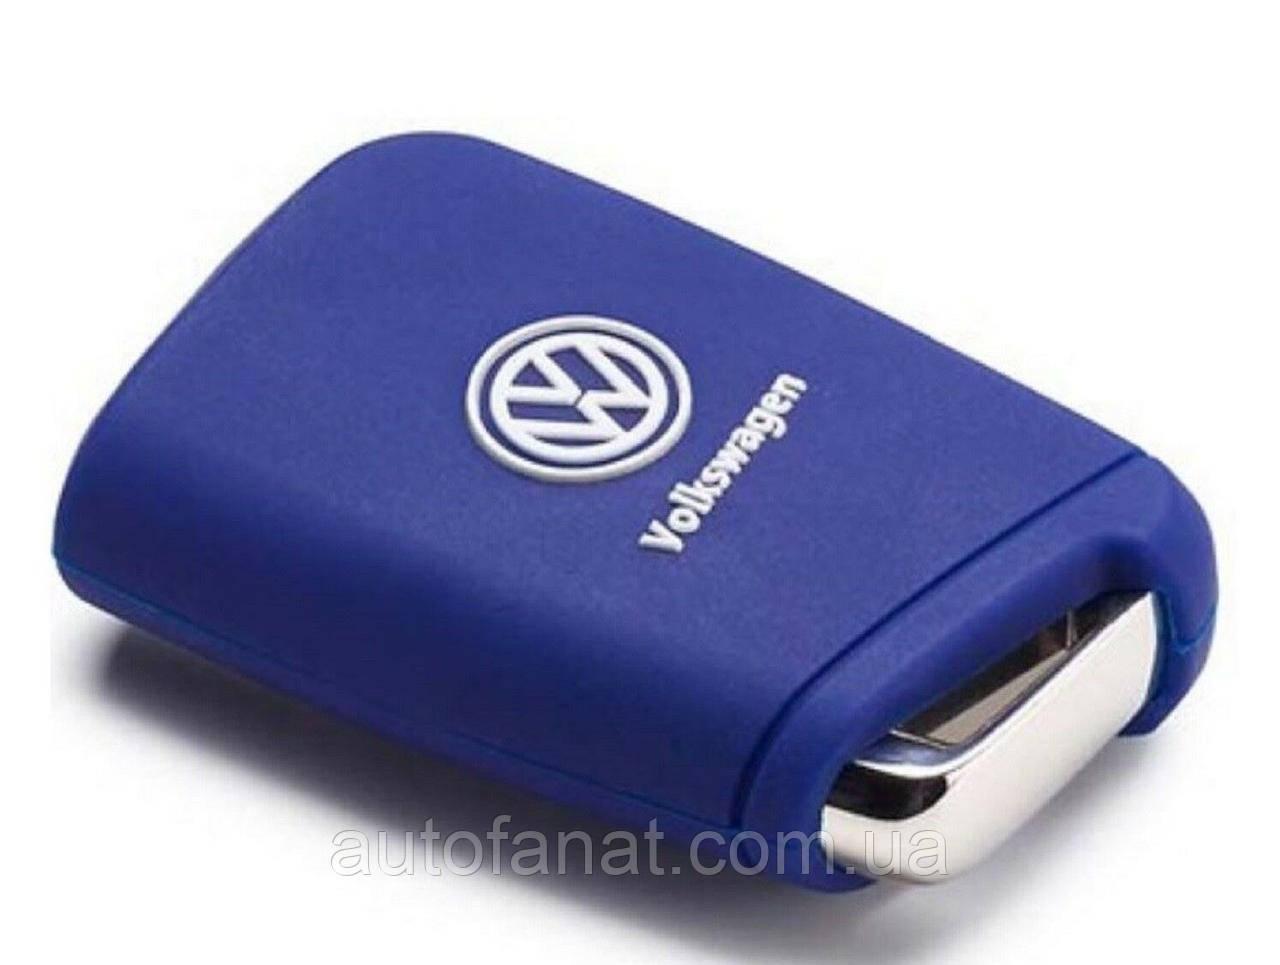 Оригінальний силіконовий чохол для ключа Volkswagen Key Cover, Golf 7 (MQB), Blue (000087012AL3JJ)